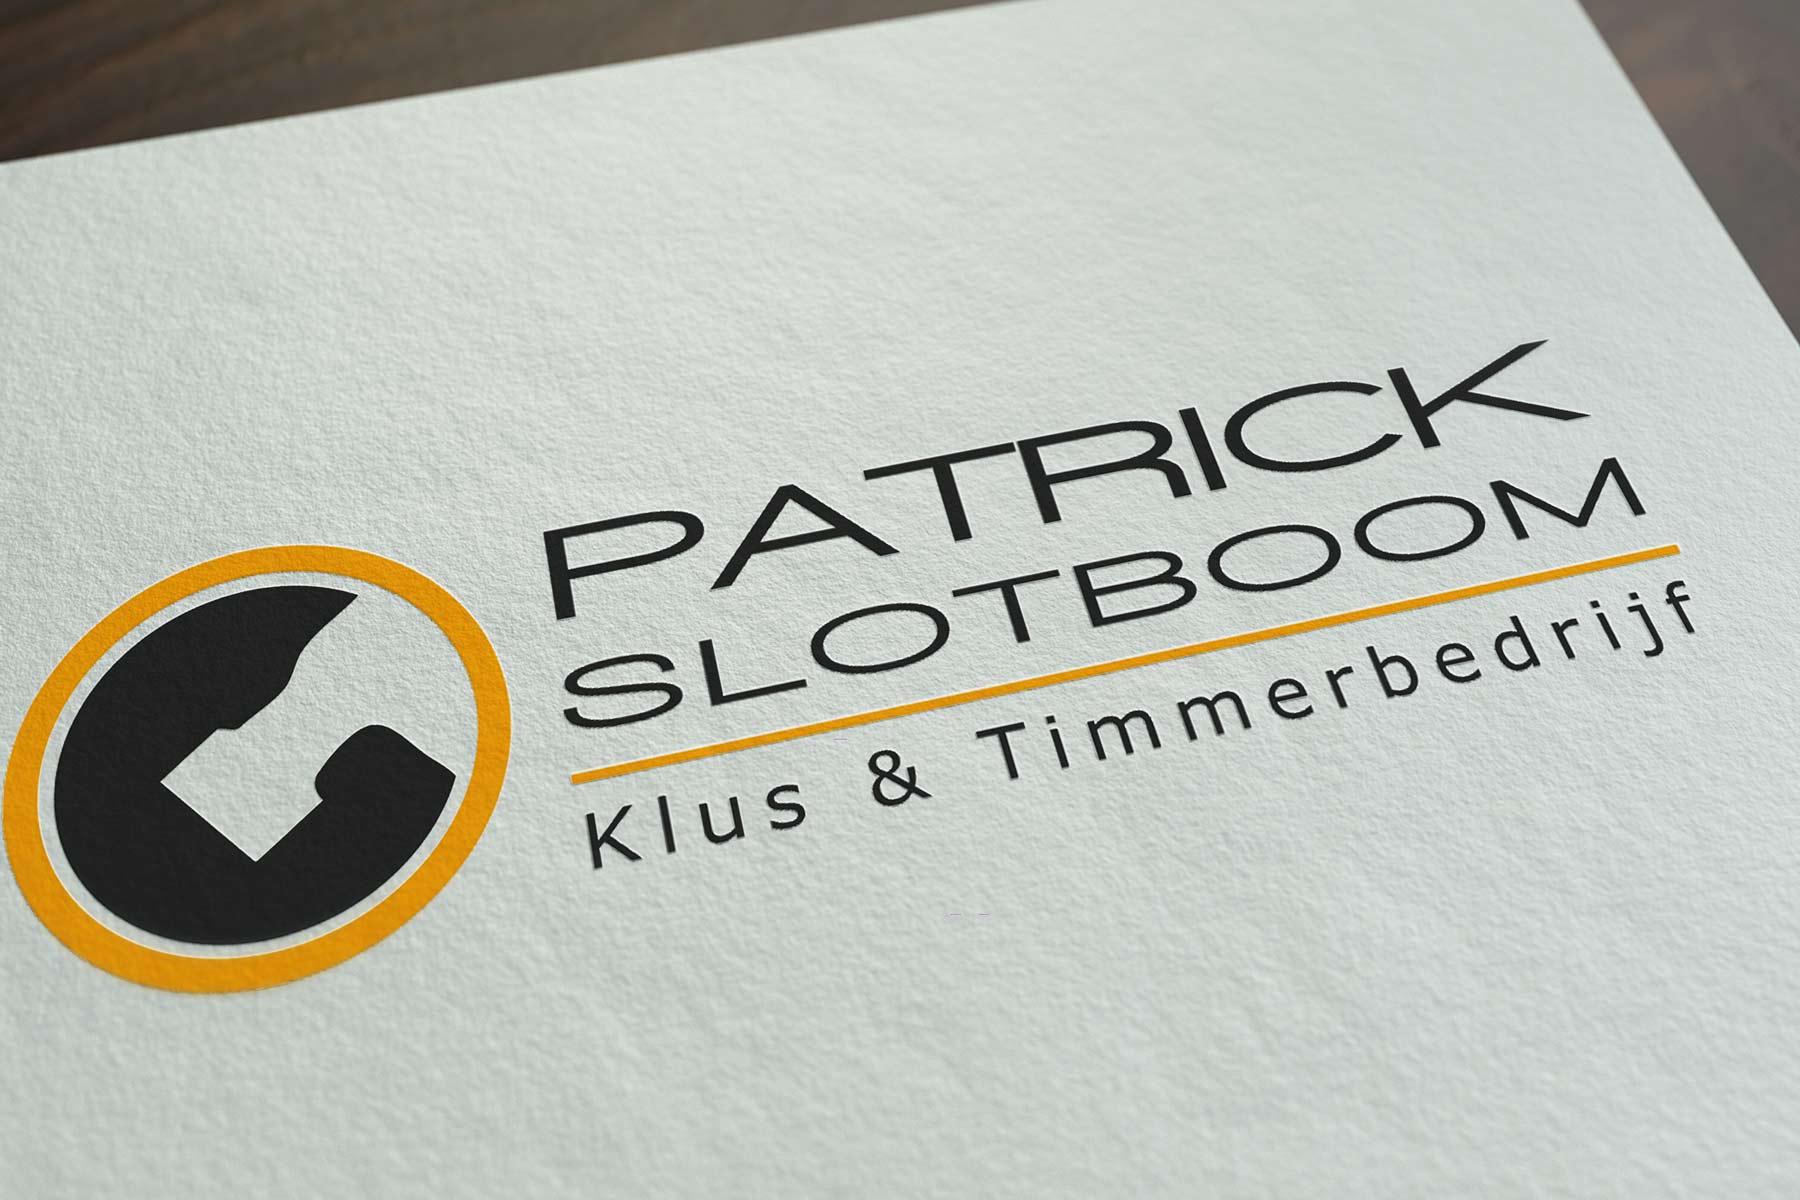 Logo ontwerp voor Patrick Slotboom uit winterswijk